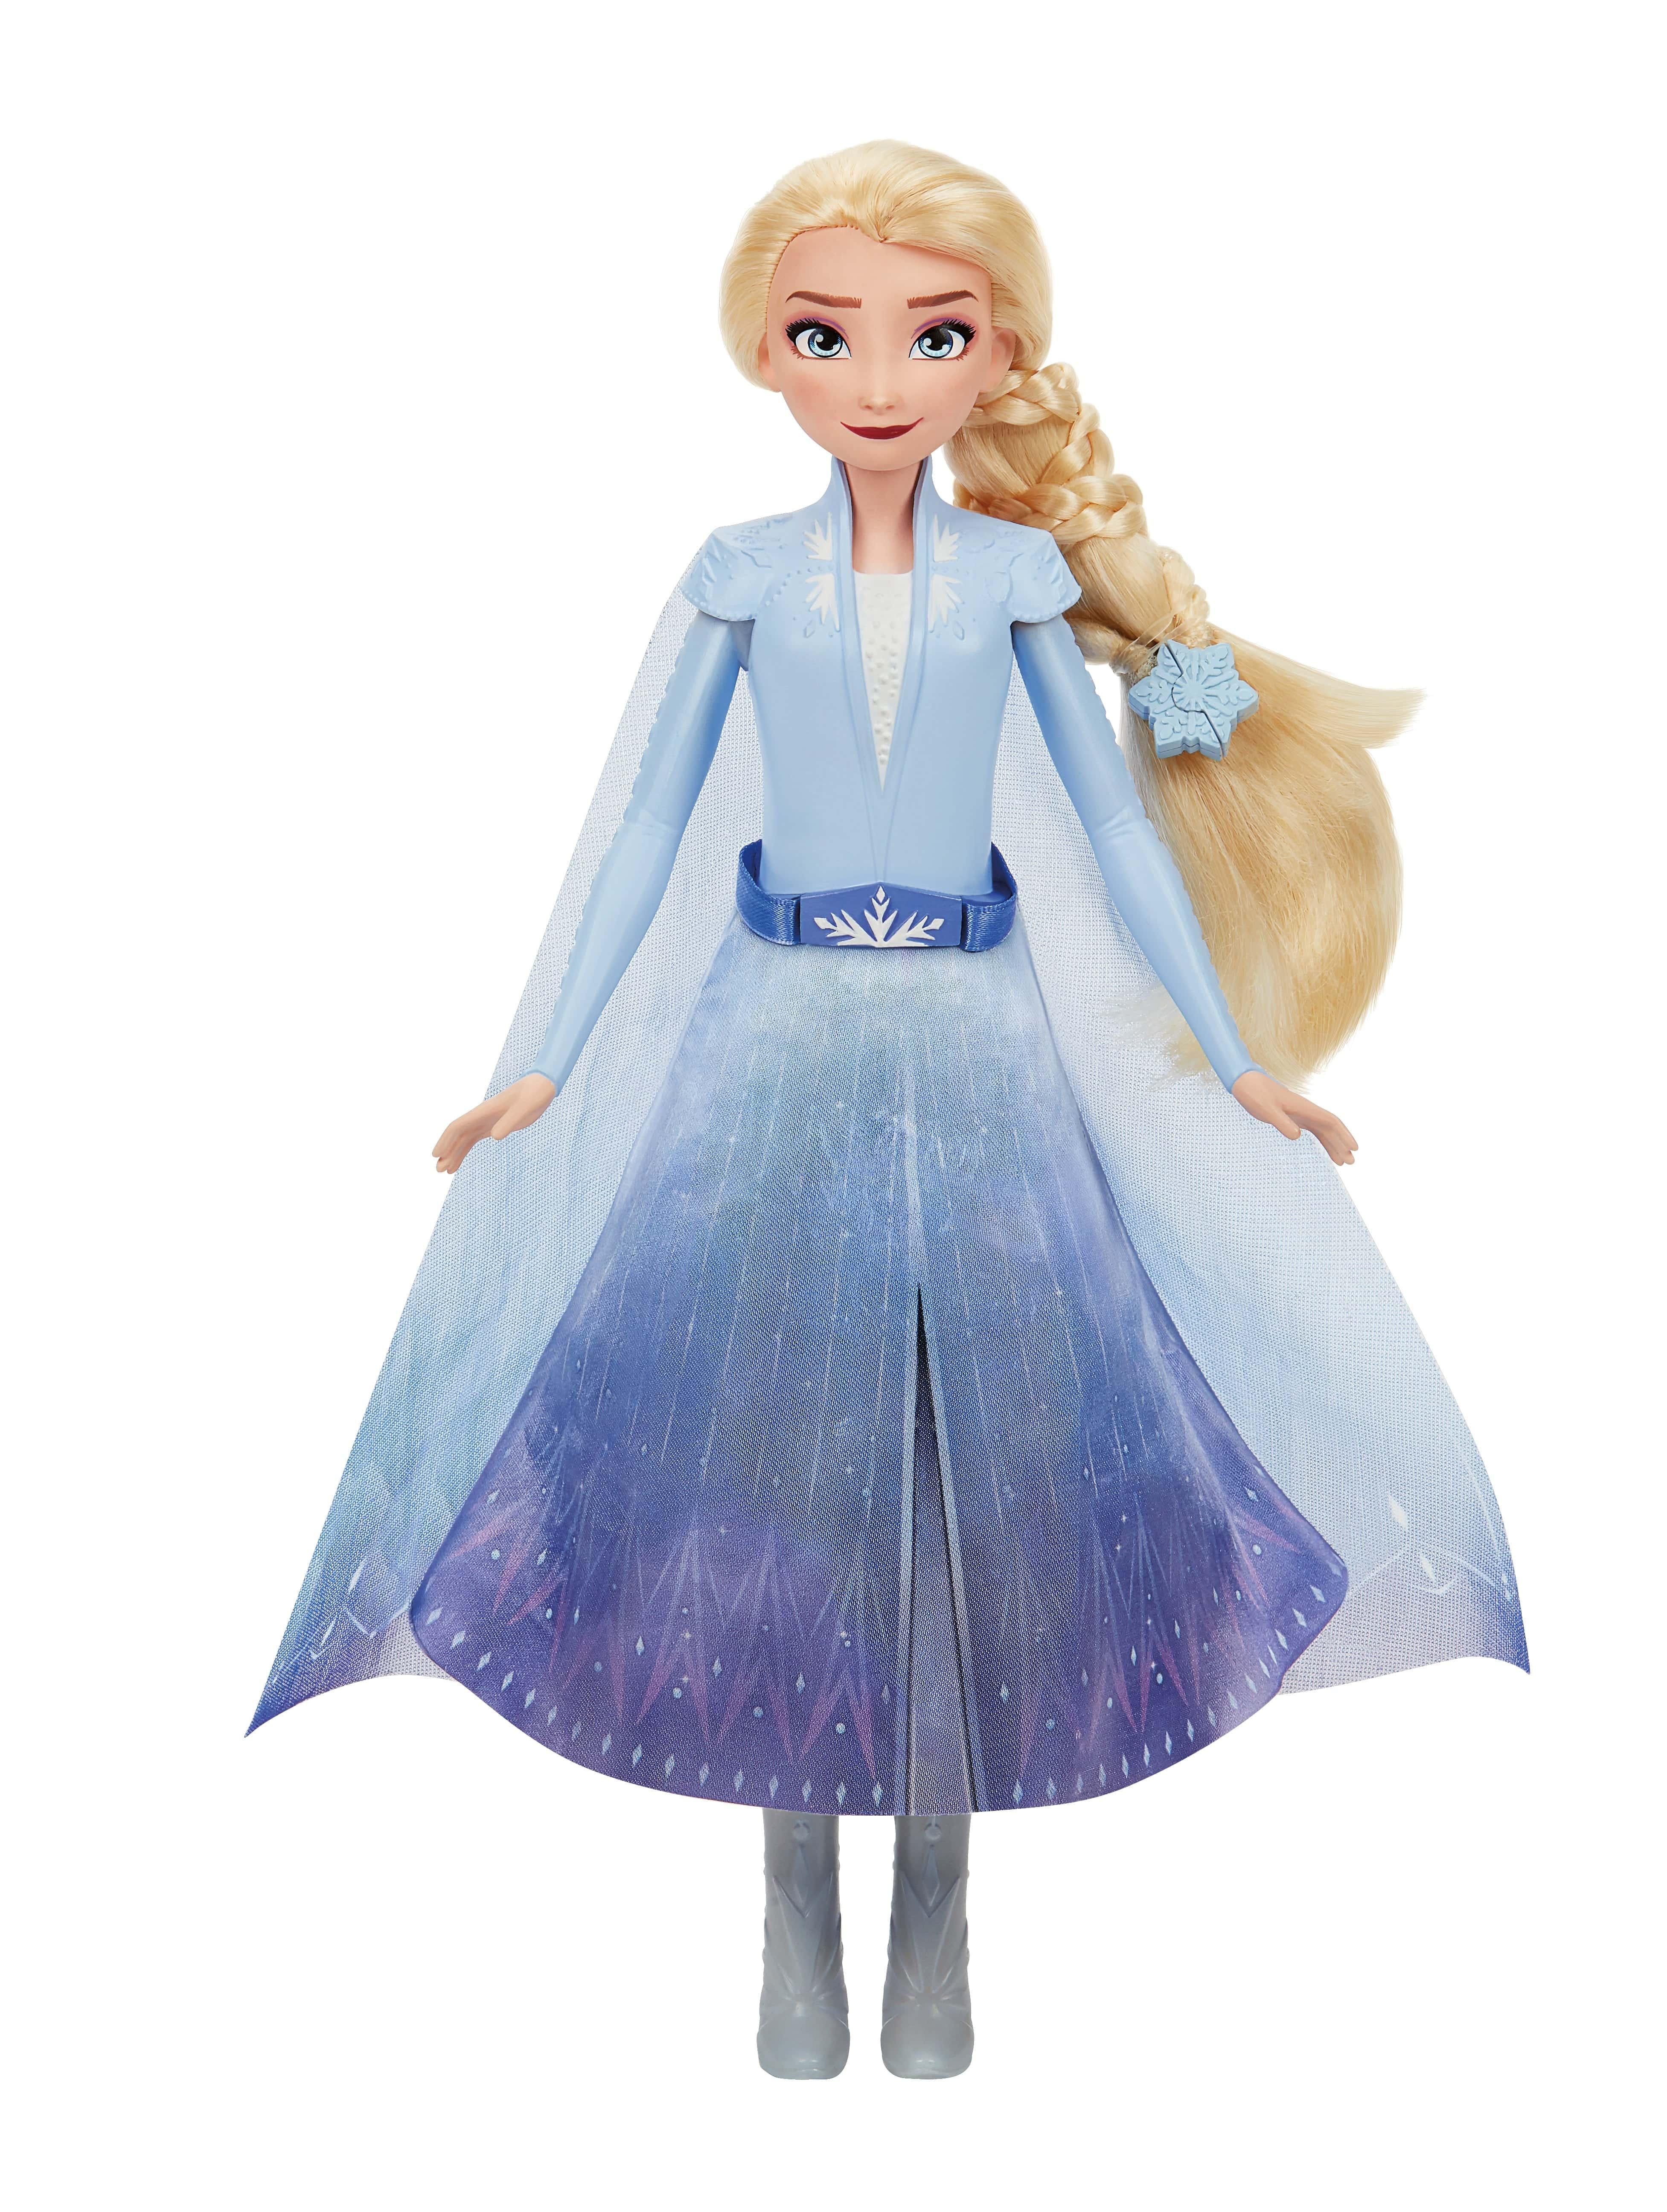 E7895 FRZ Transformation Dolls Assortment OOP Elsa 2